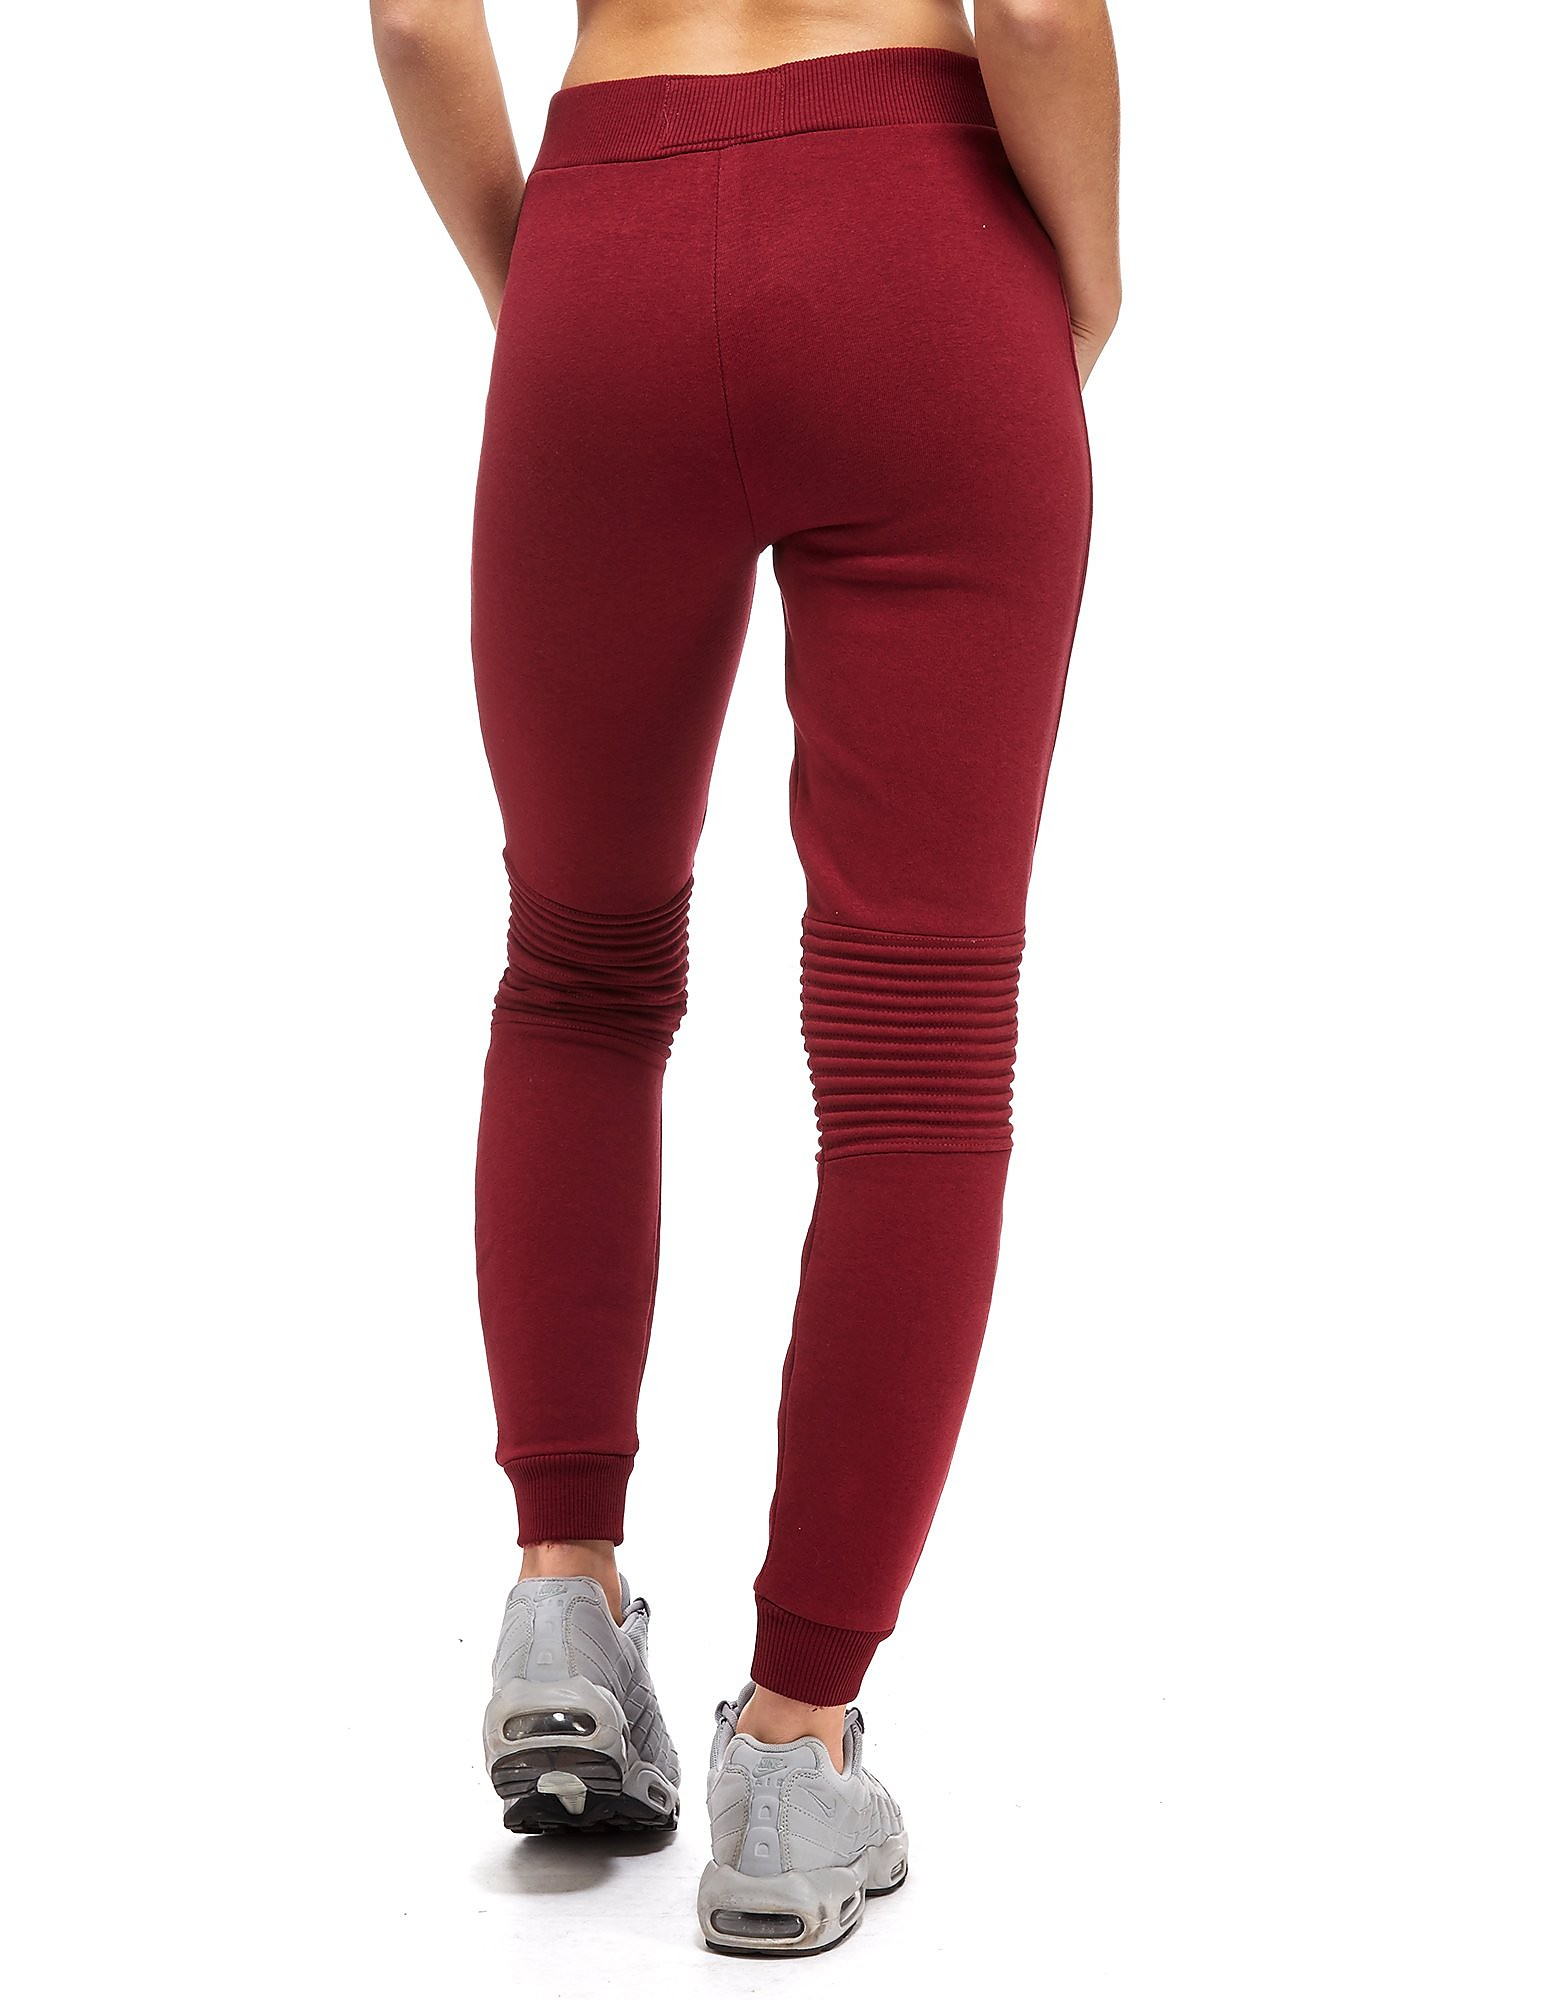 Supply & Demand Pin Tuck Jogging Pants